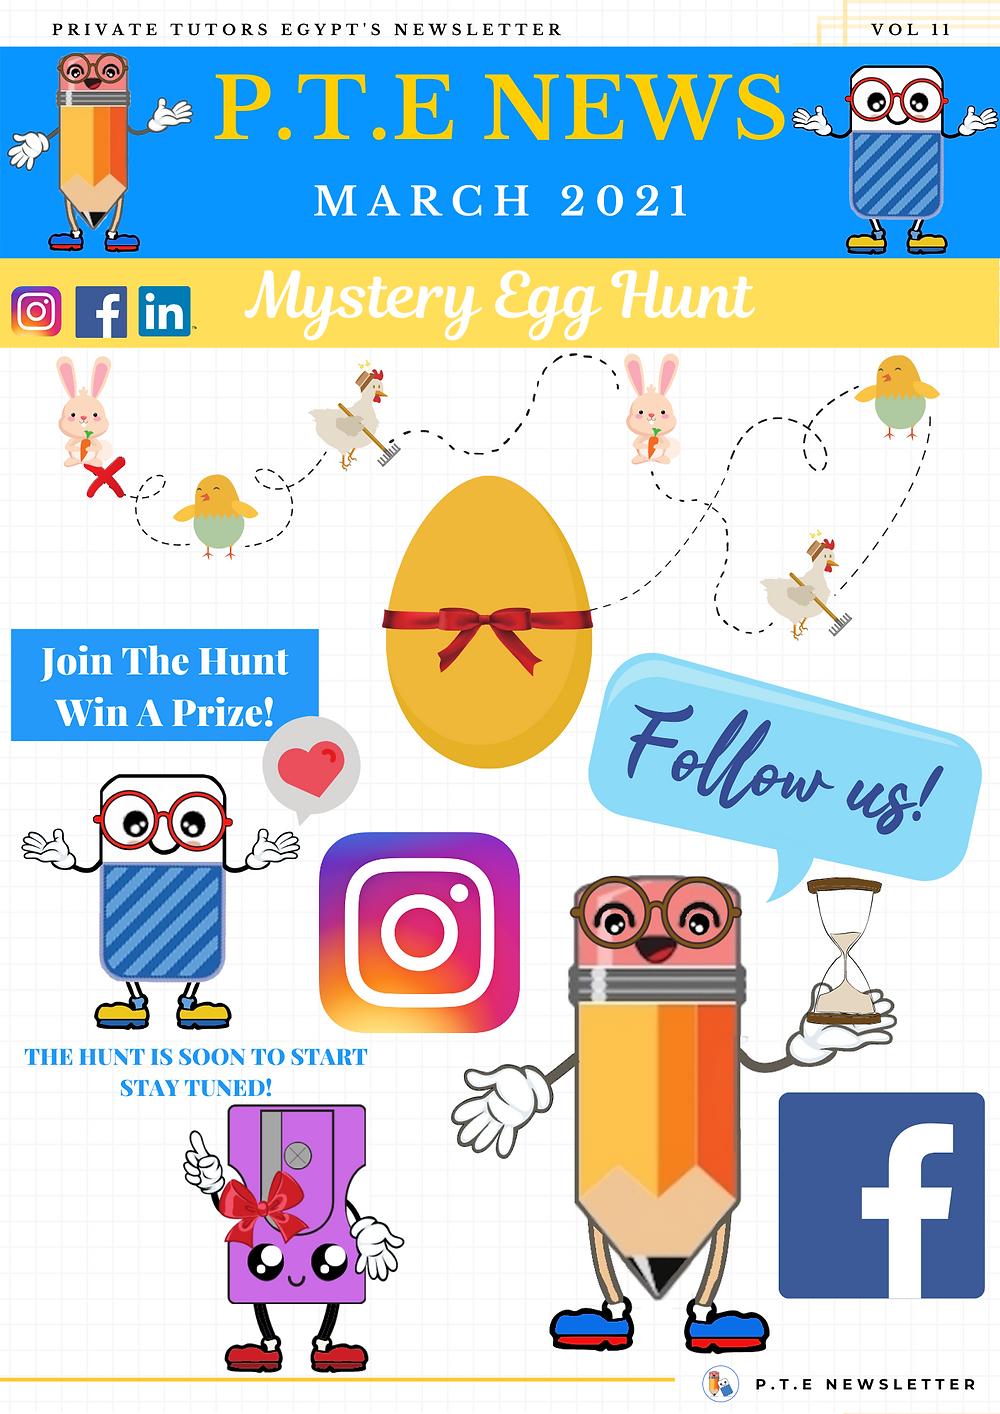 Mystery Egg Hunt